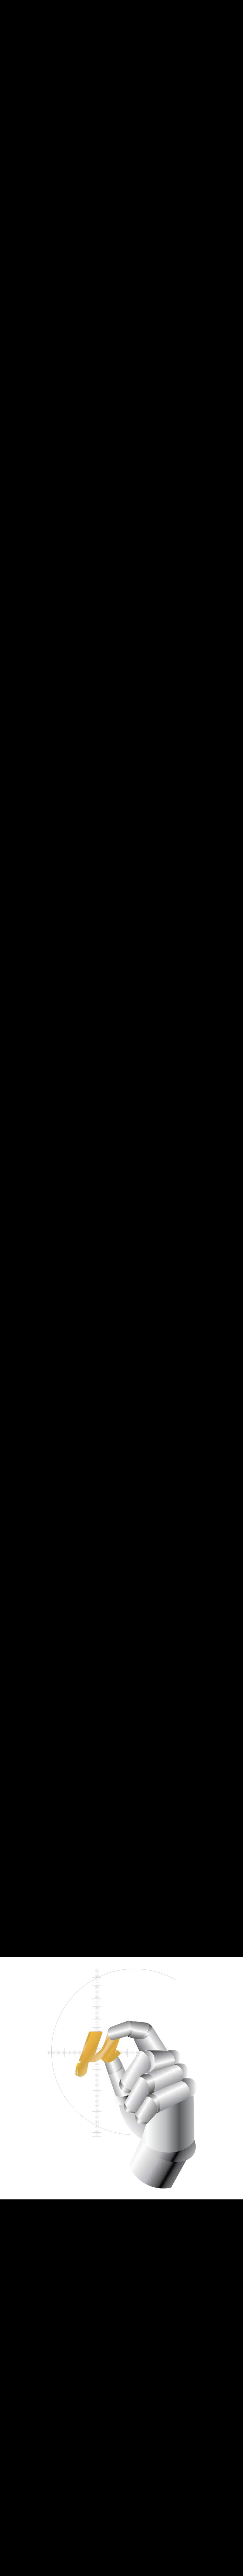 Magafor vector